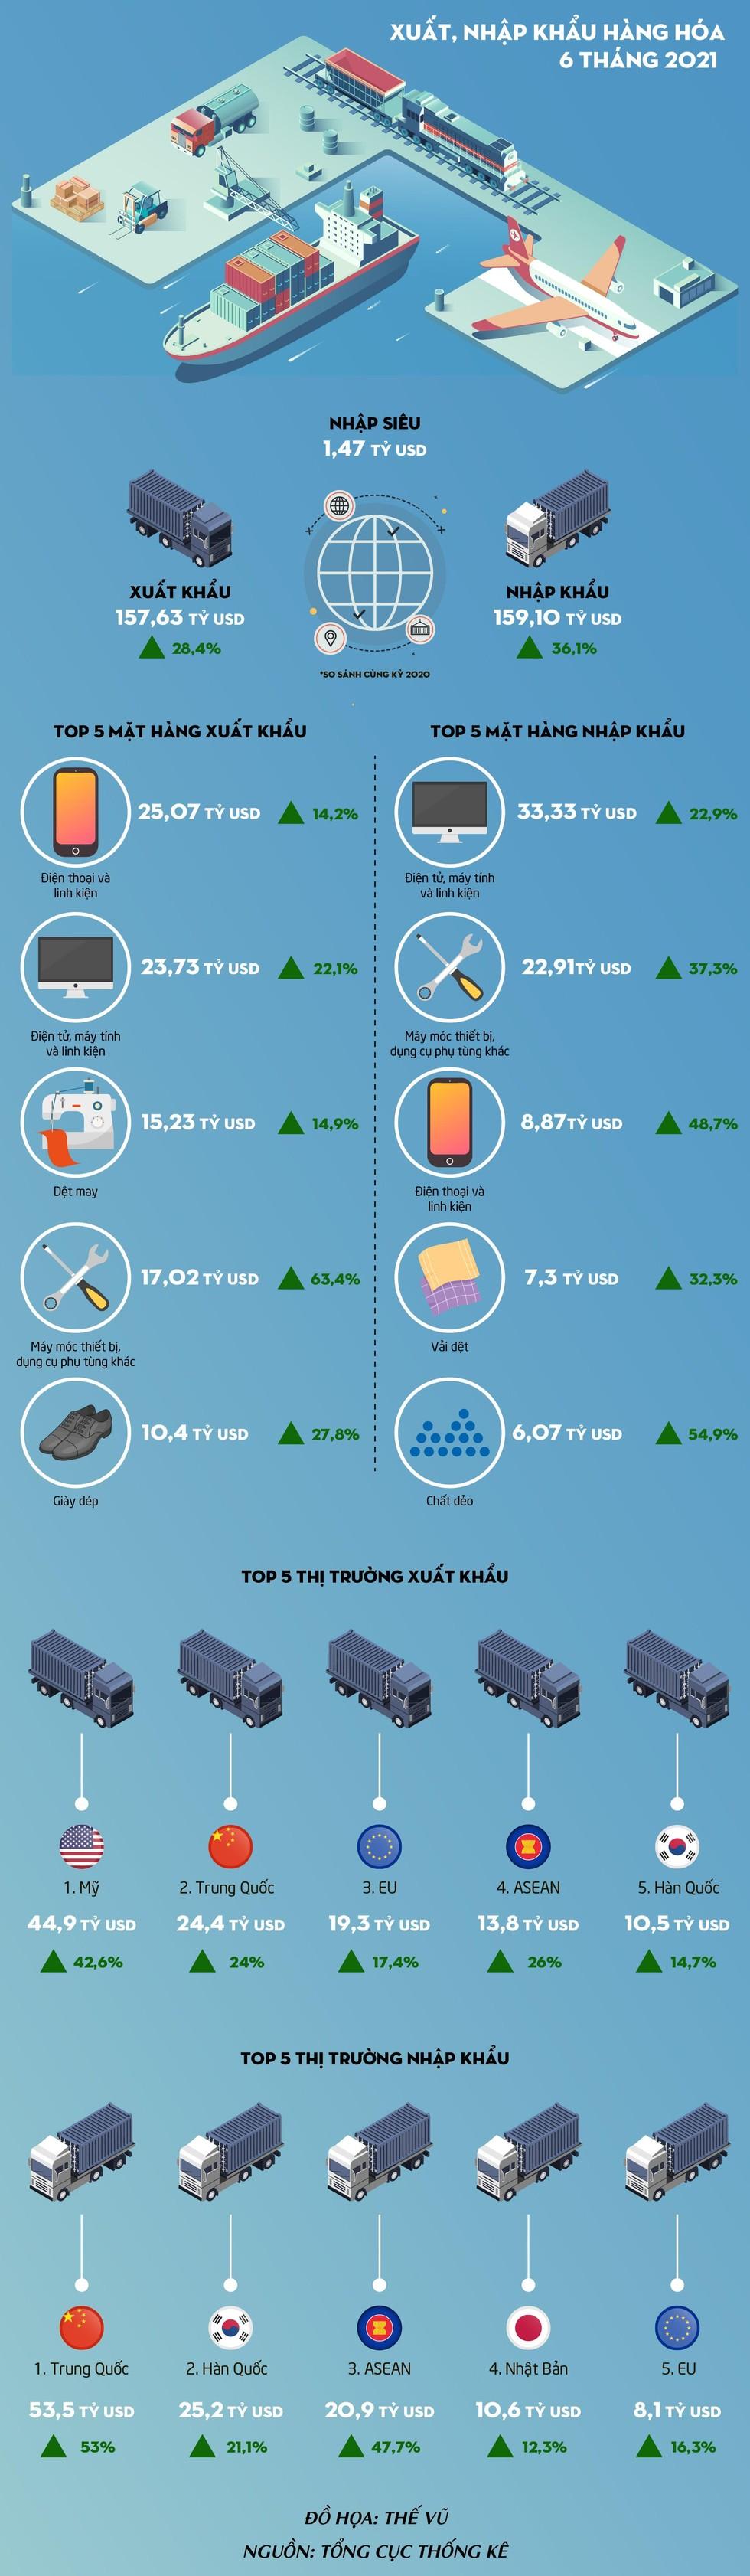 [Infographic] 6 tháng đầu năm 2021 ước tính nhập siêu 1,47 tỷ USD ảnh 1